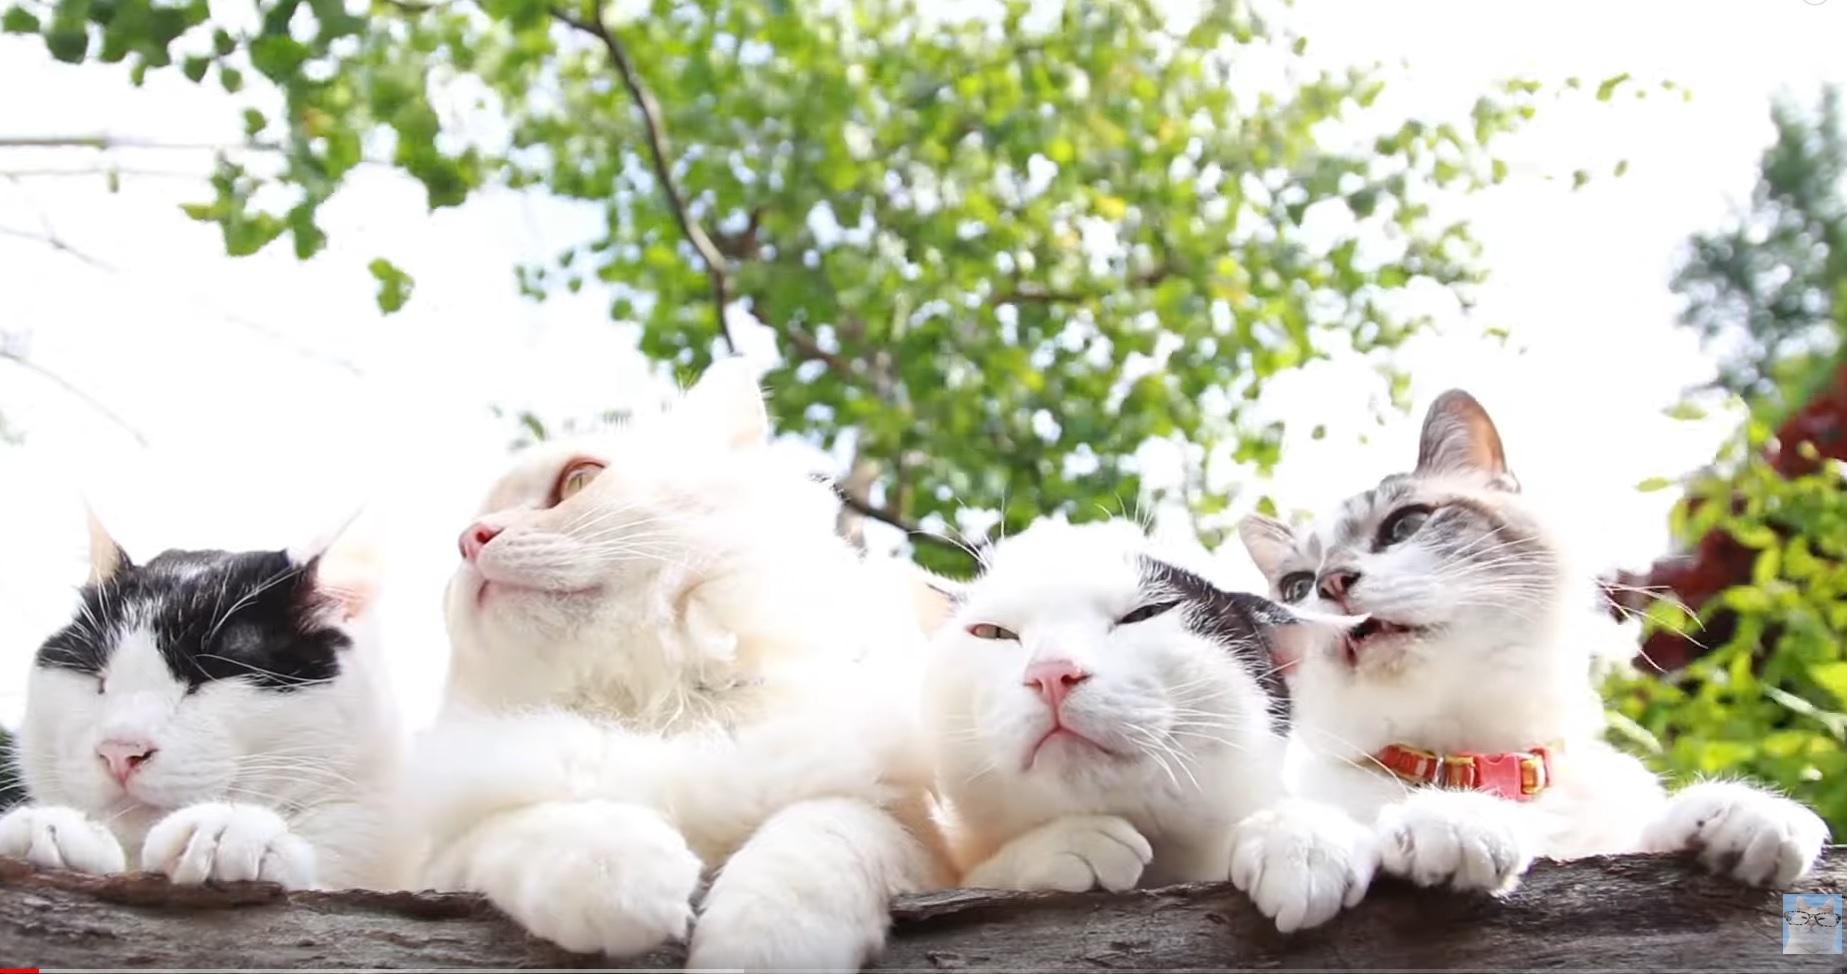 Cute Cats Relaxing Video